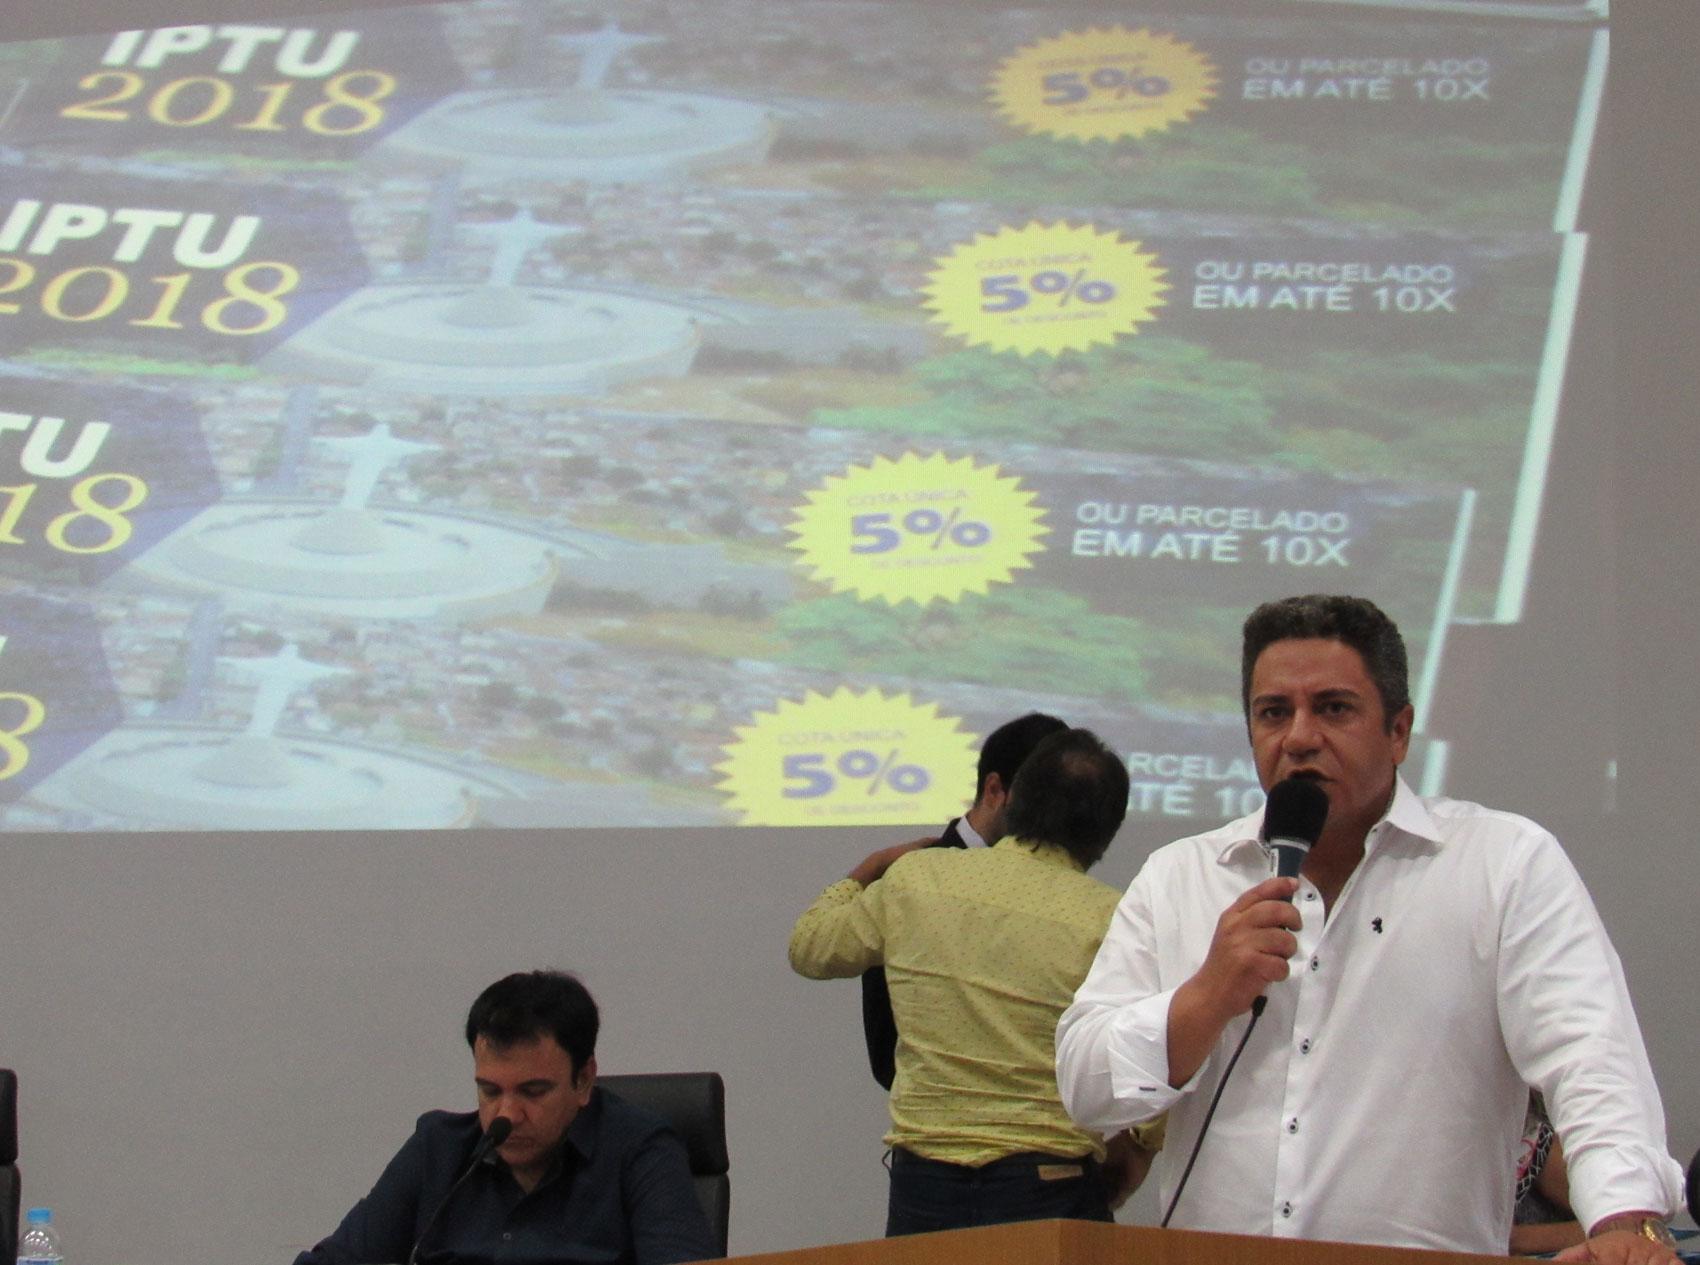 Robson Magela propõe desconto maior para quem paga o IPTU à vista